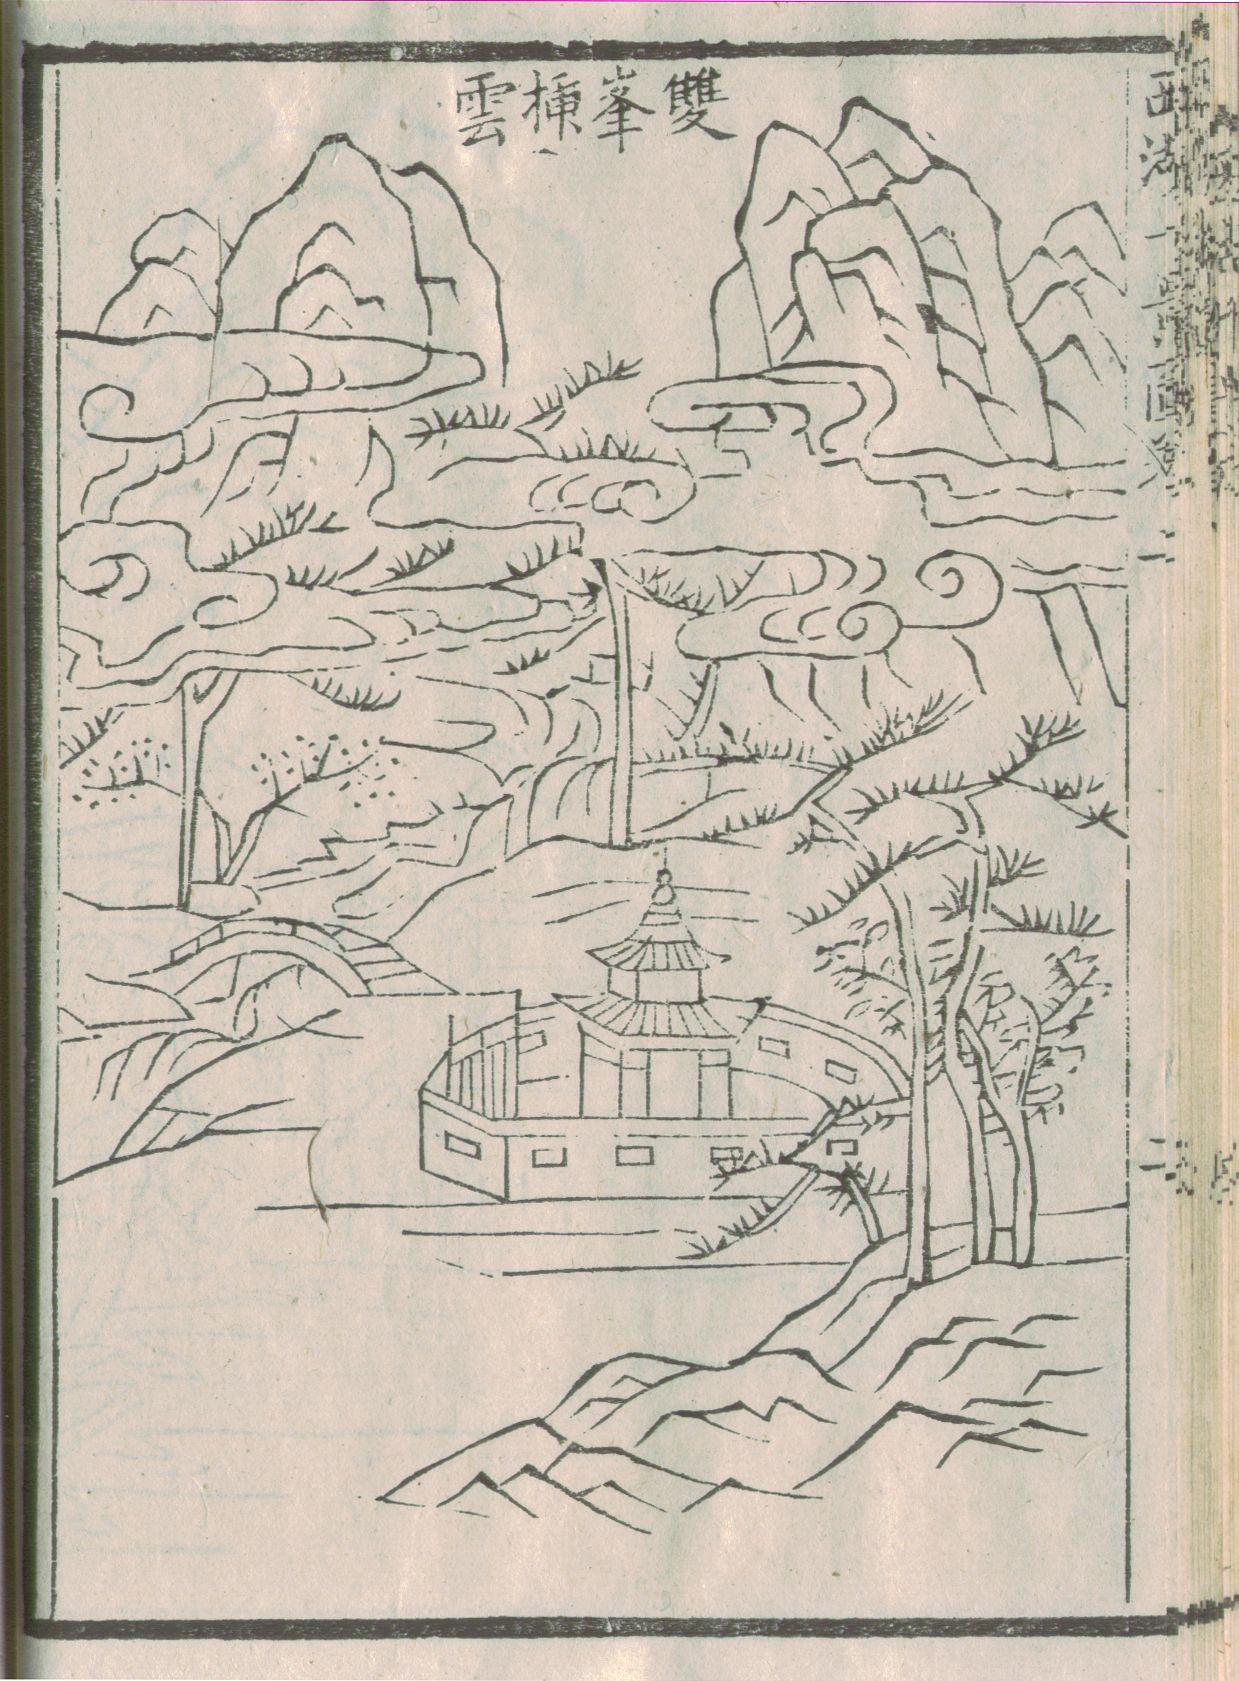 西湖简笔画;; 杭州西湖十景简笔画;